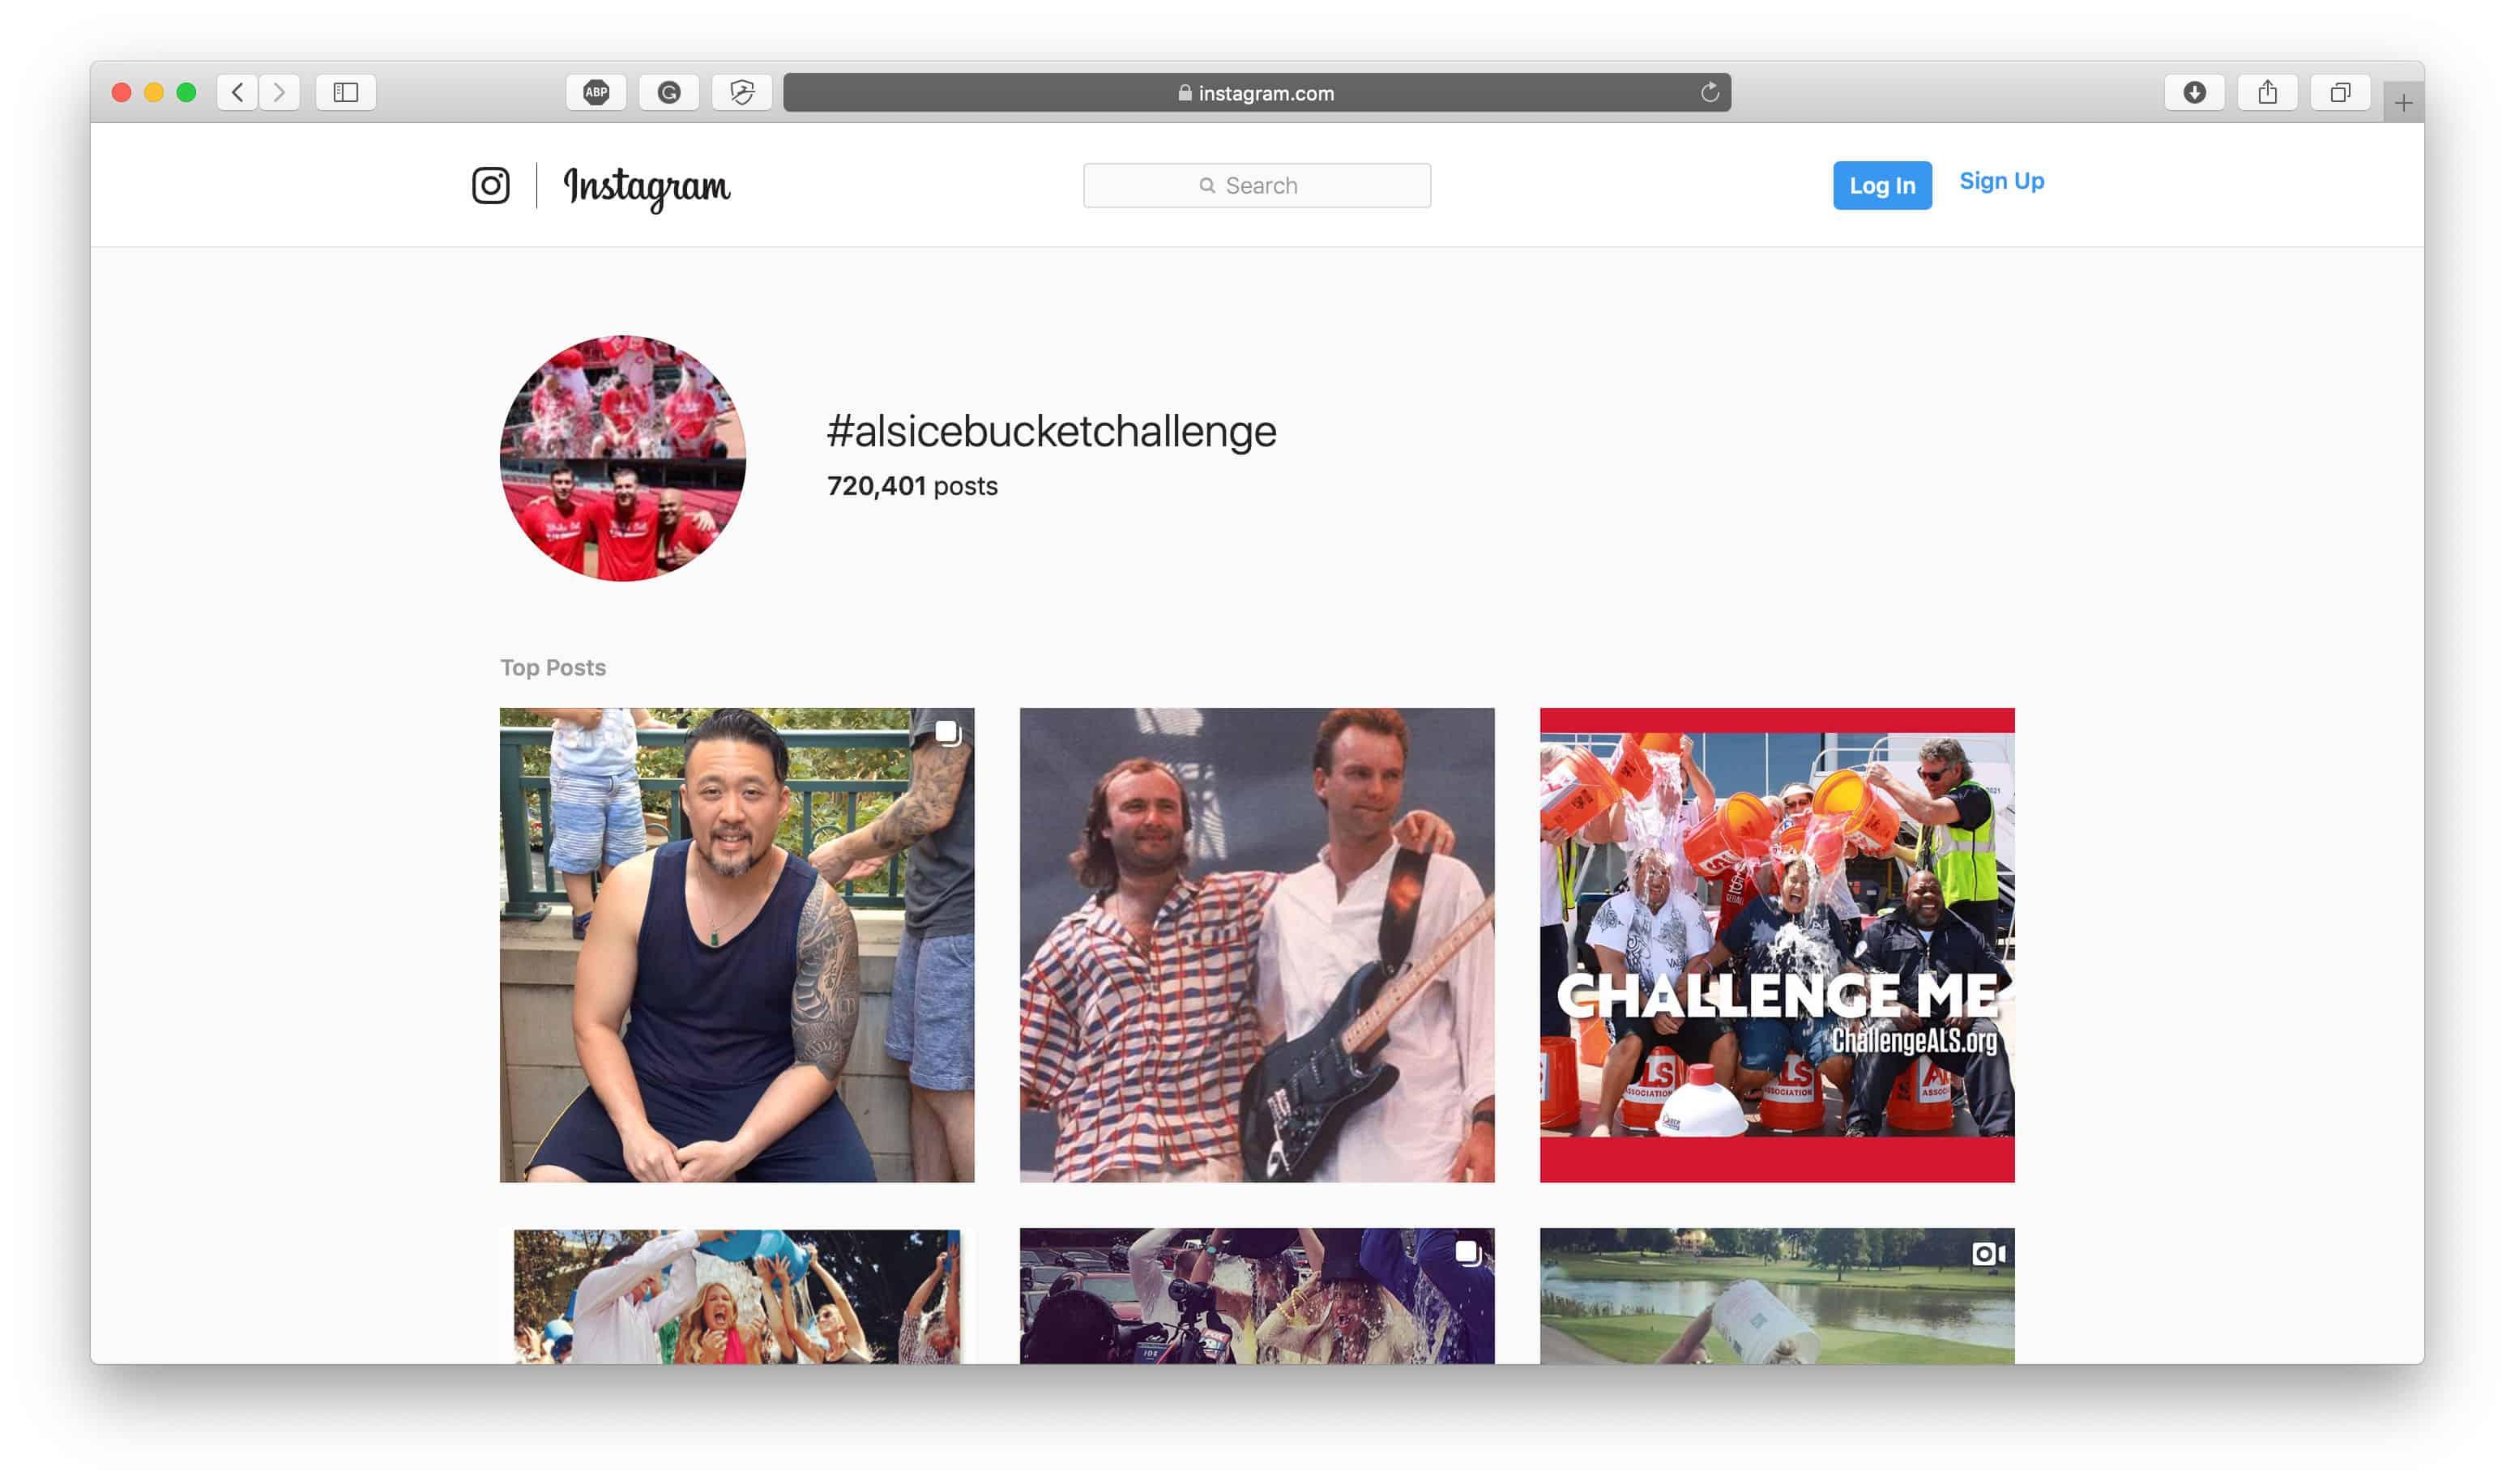 ALS Ice Bucket Challenge Instagram Campaign